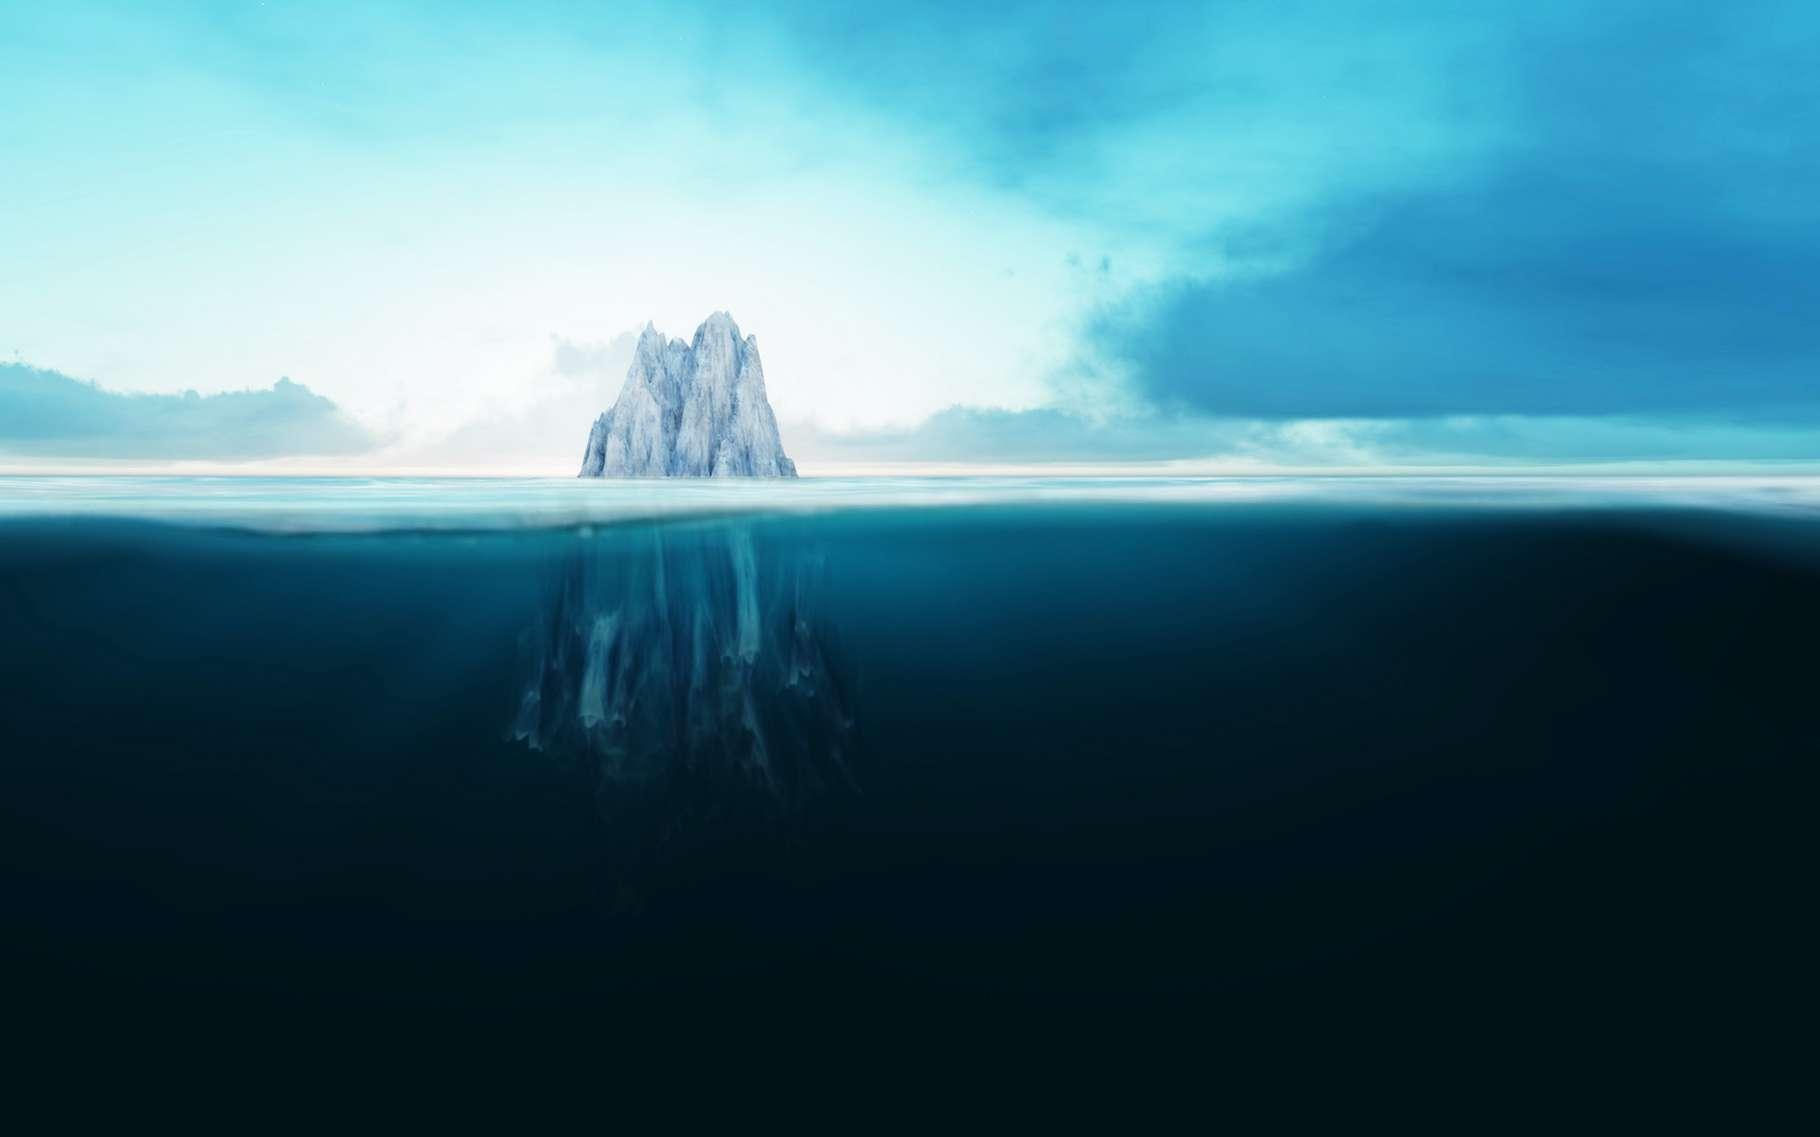 Voici comment les icebergs fondent réellement - Futura